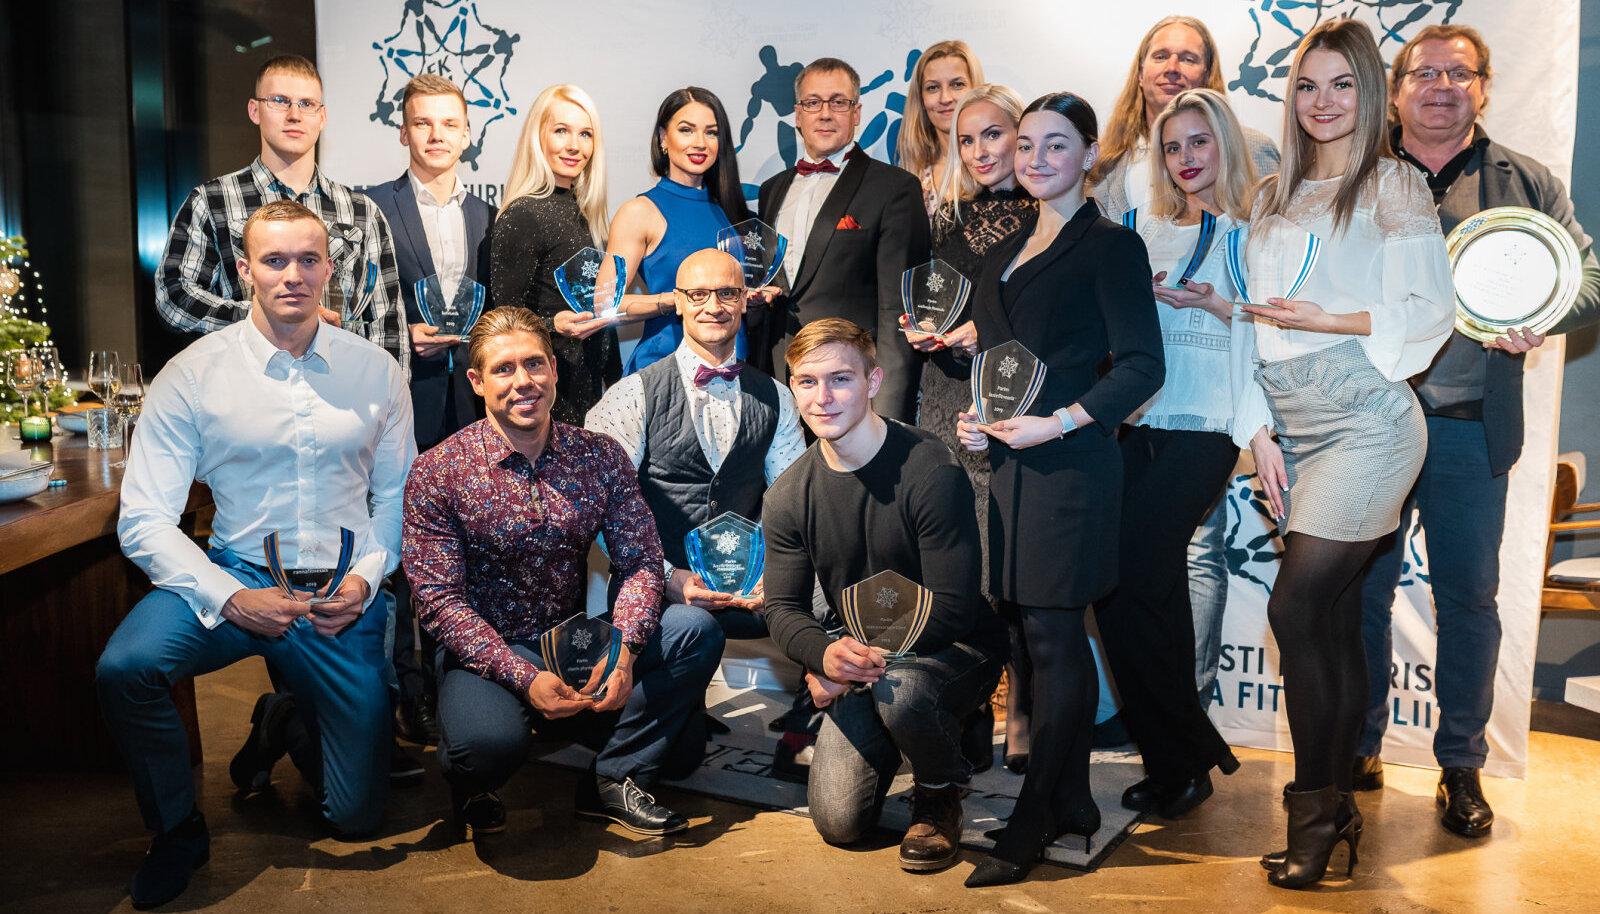 Eesti kulturismi ja fitnessi gala.